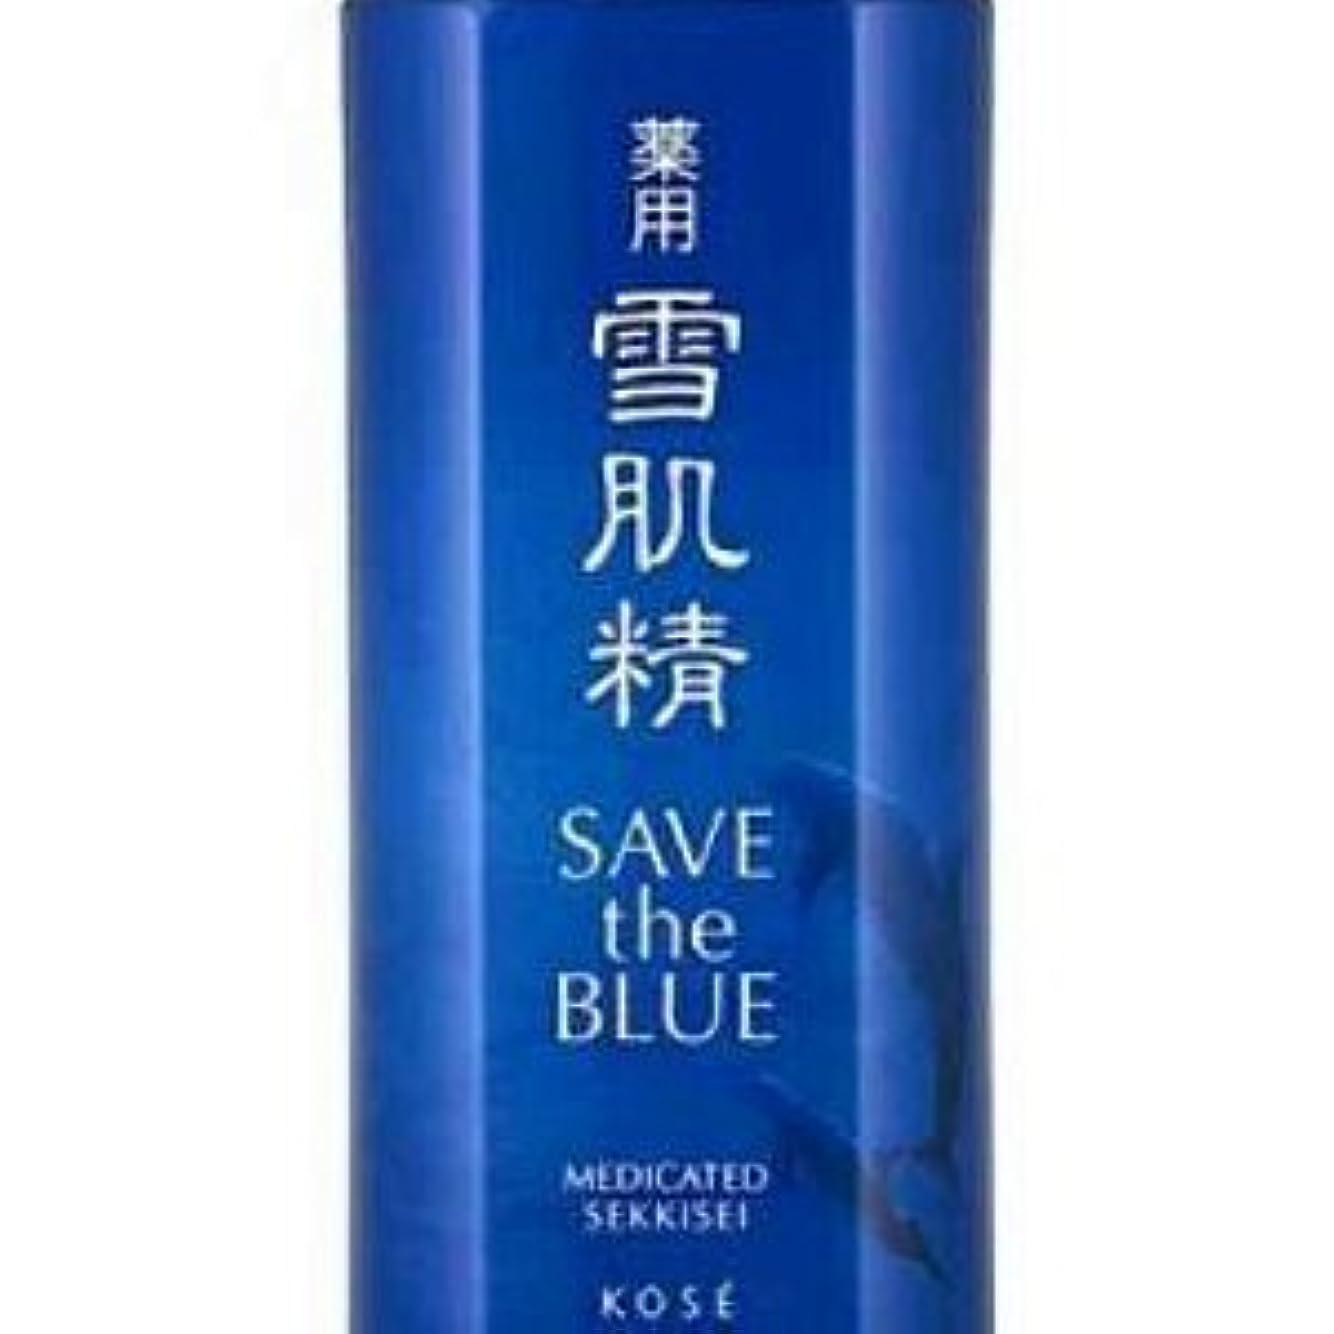 カード先行する平和的コーセー 薬用雪肌精 化粧水 ディスペンサー付限定ボトル 500ml アウトレット